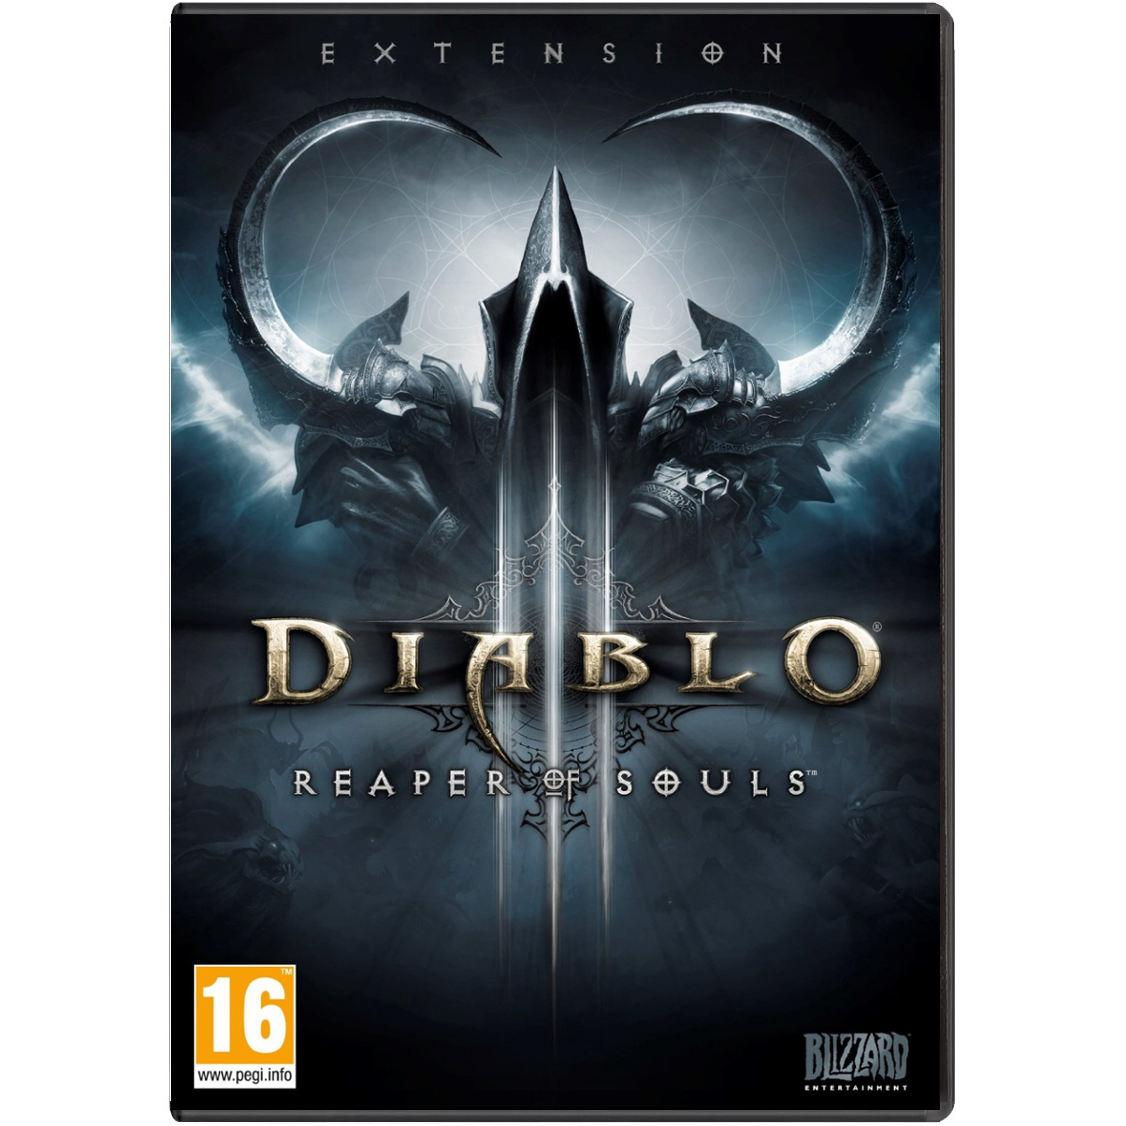 Jeux PC Diablo III : Reaper of Souls (PC/MAC) Diablo III : Reaper of Souls (PC/MAC)